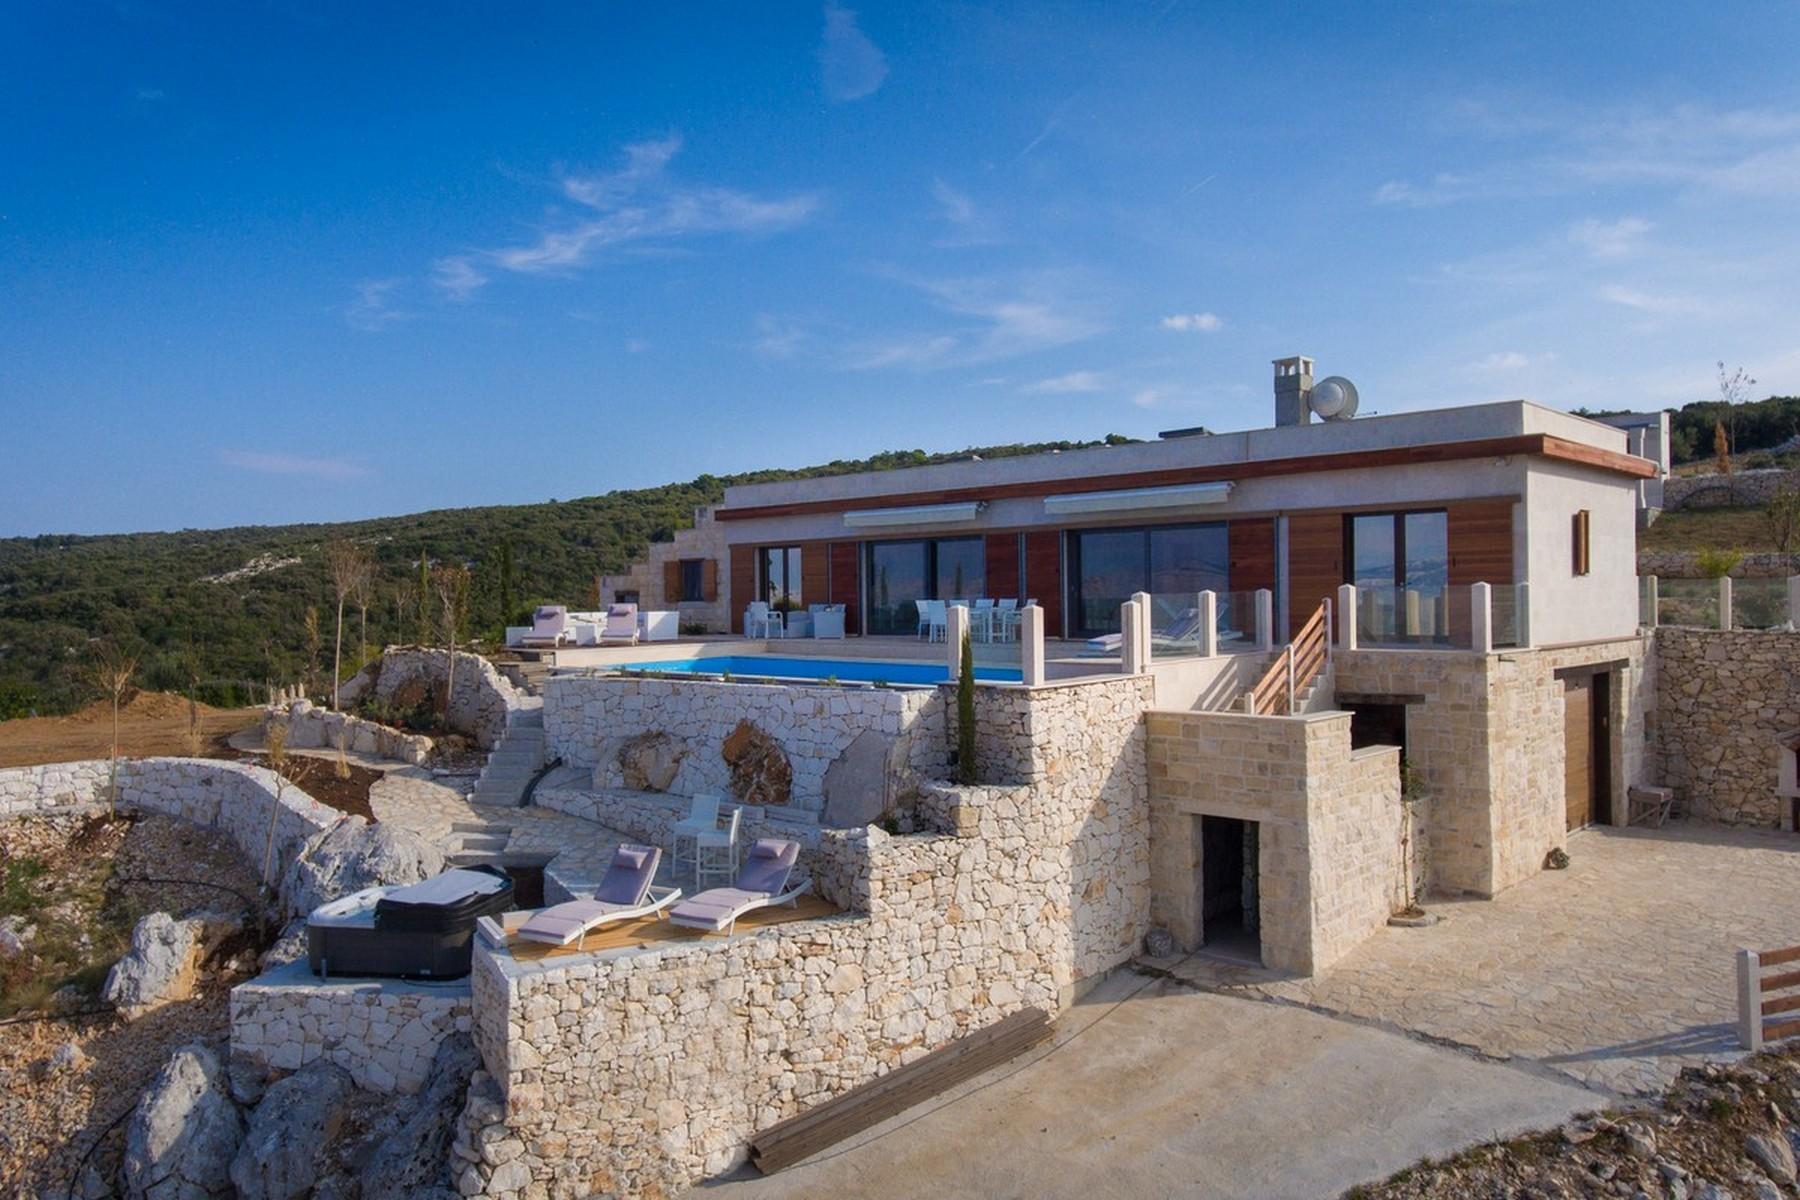 Villa Island Magic Dol Brac, Split Dalmatia 21400 Croatia